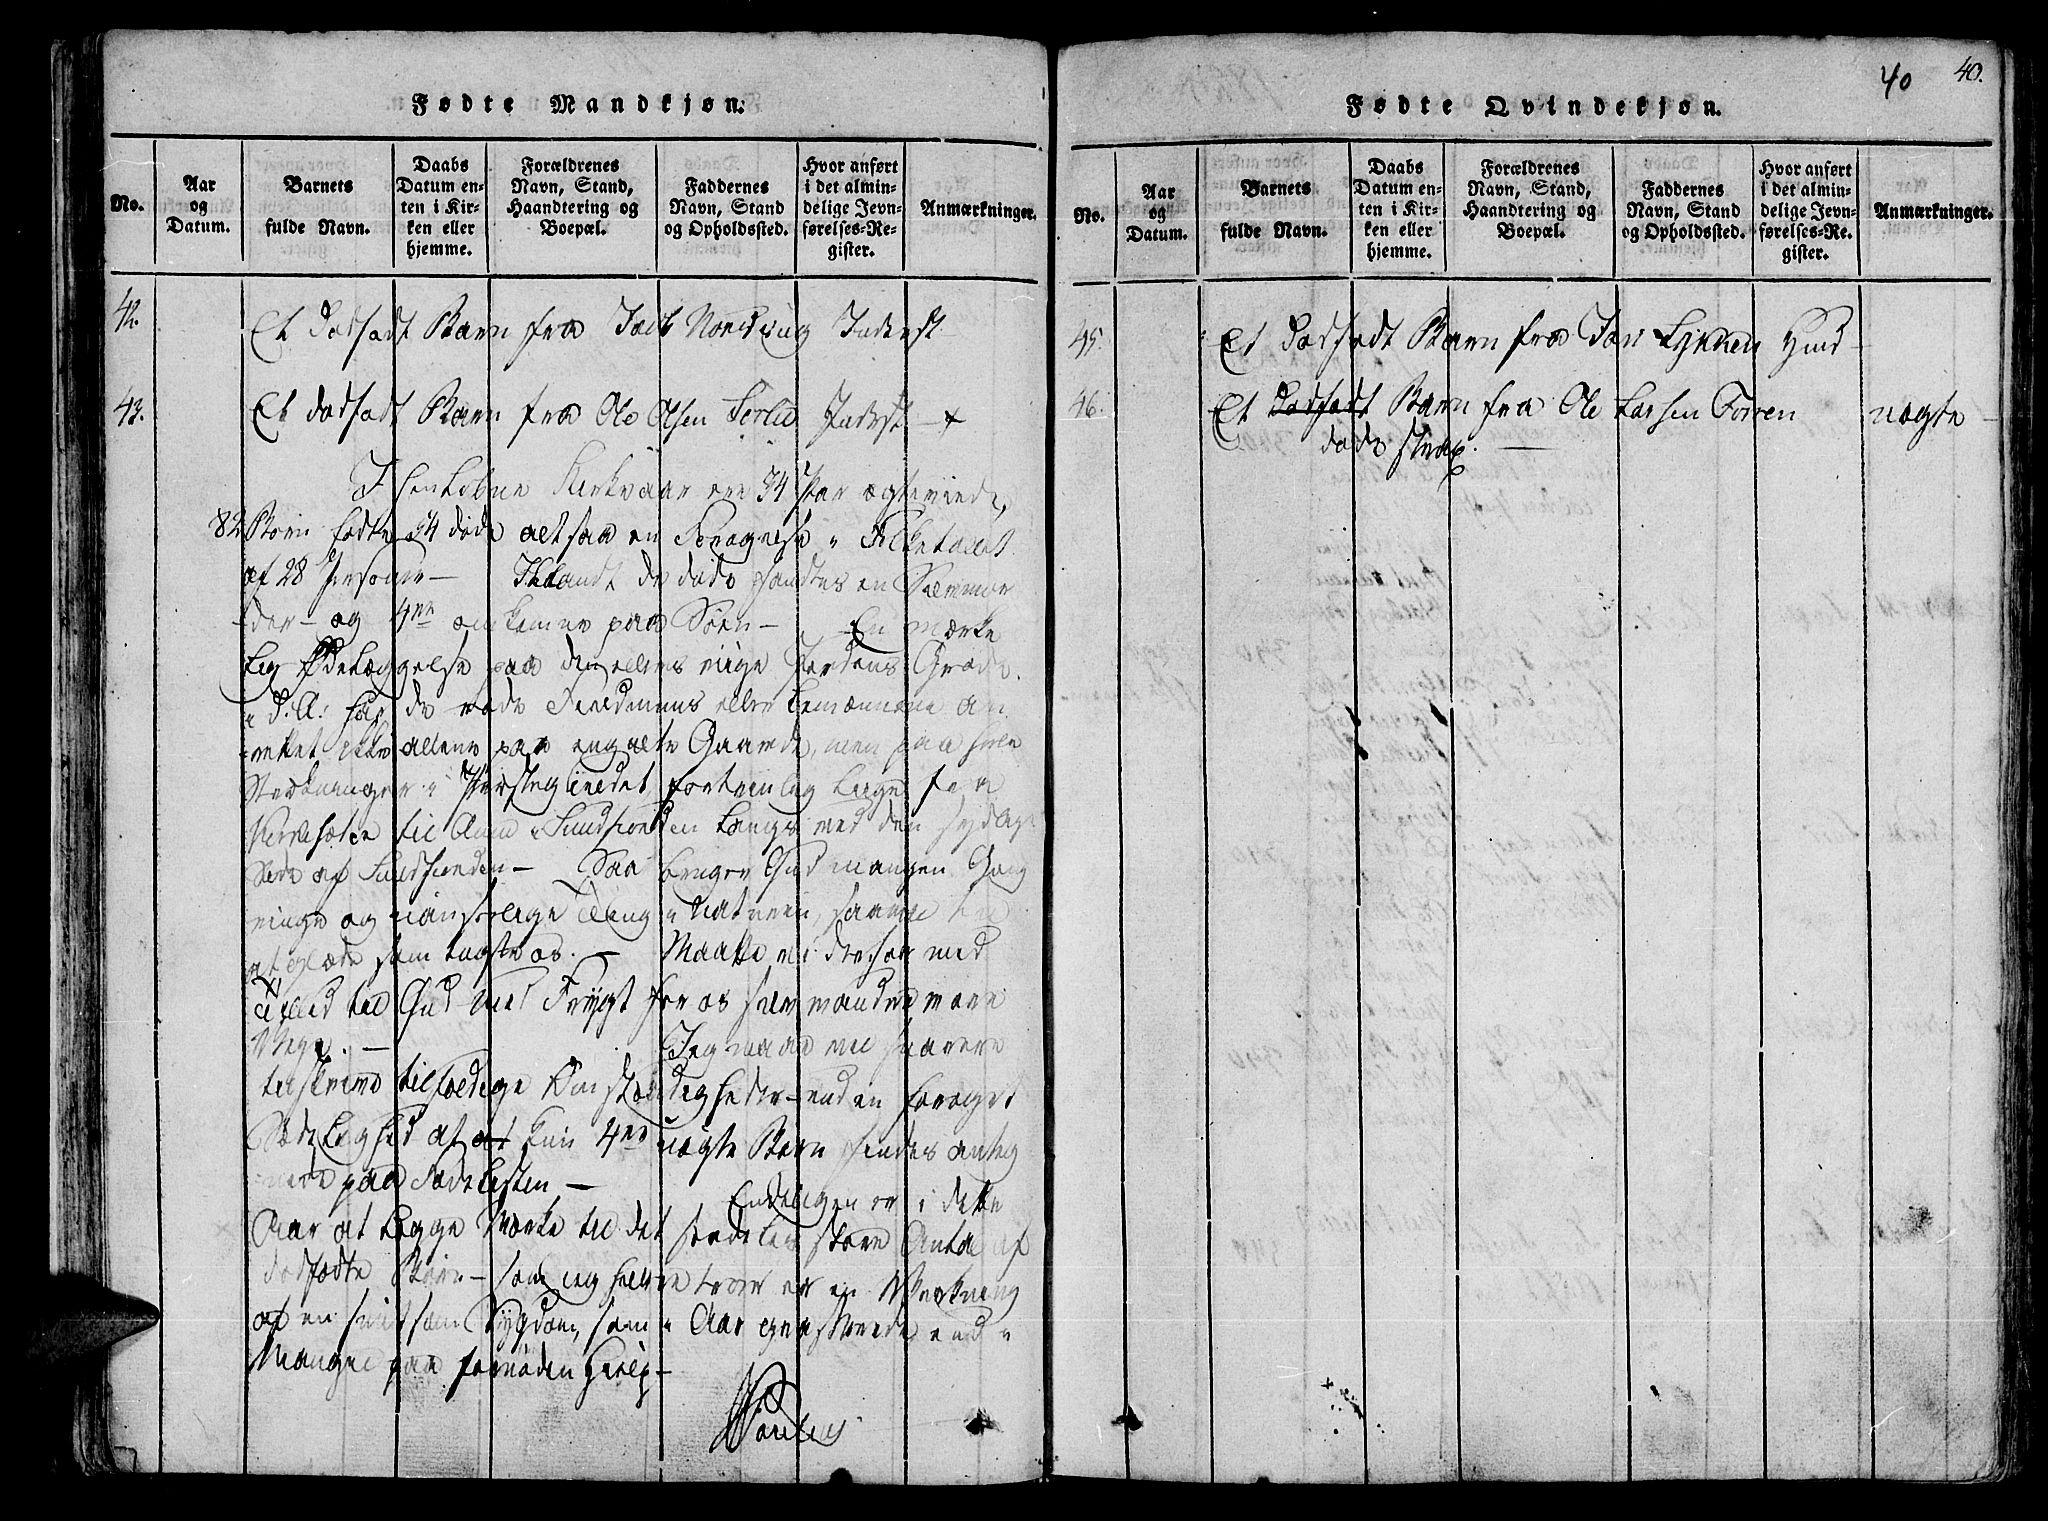 SAT, Ministerialprotokoller, klokkerbøker og fødselsregistre - Sør-Trøndelag, 630/L0491: Ministerialbok nr. 630A04, 1818-1830, s. 40